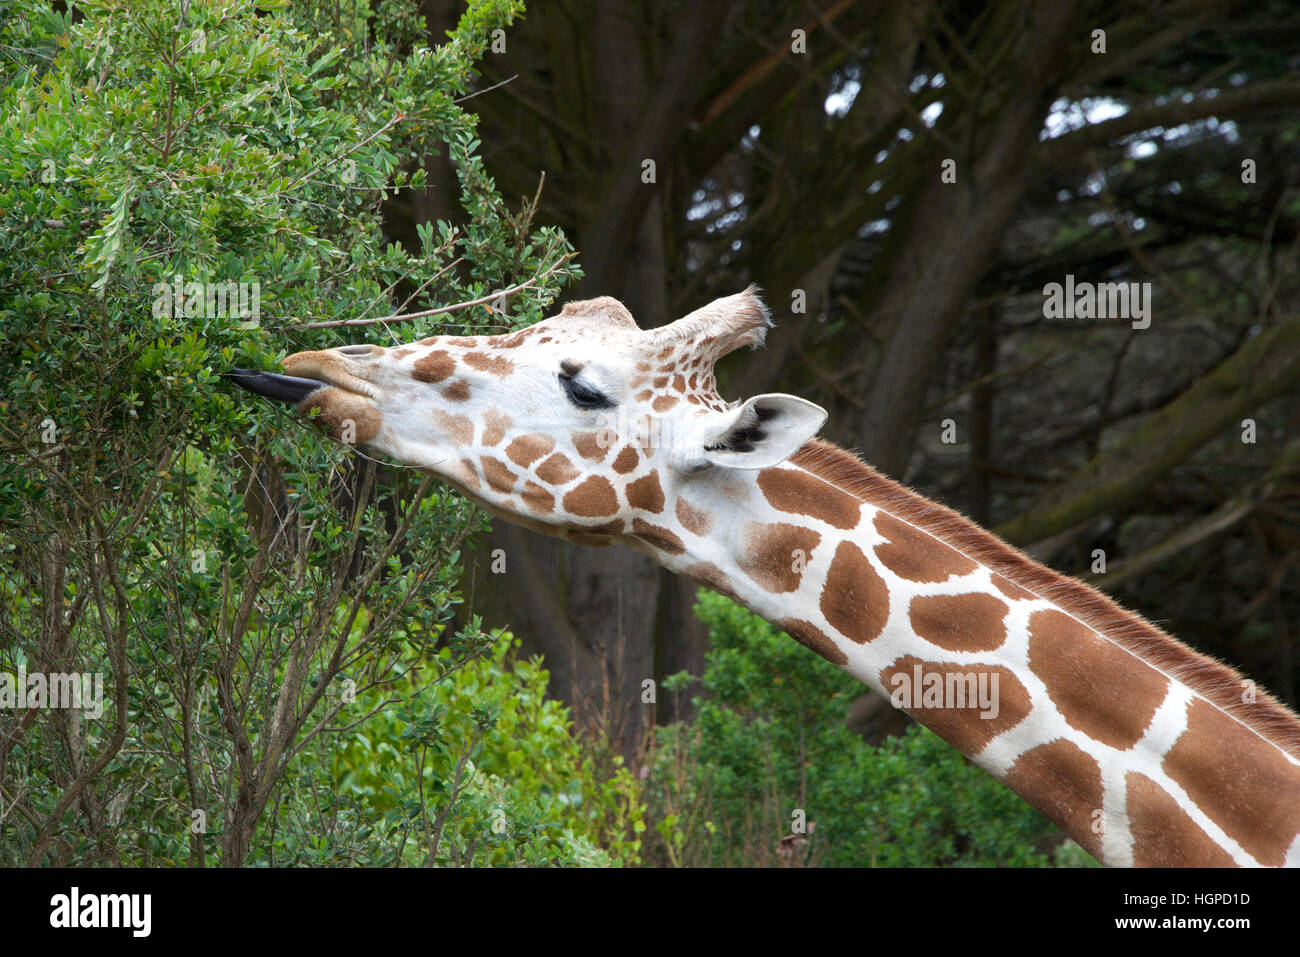 La giraffa a mangiare le foglie linguetta sporgente per afferrare le foglie. Immagini Stock